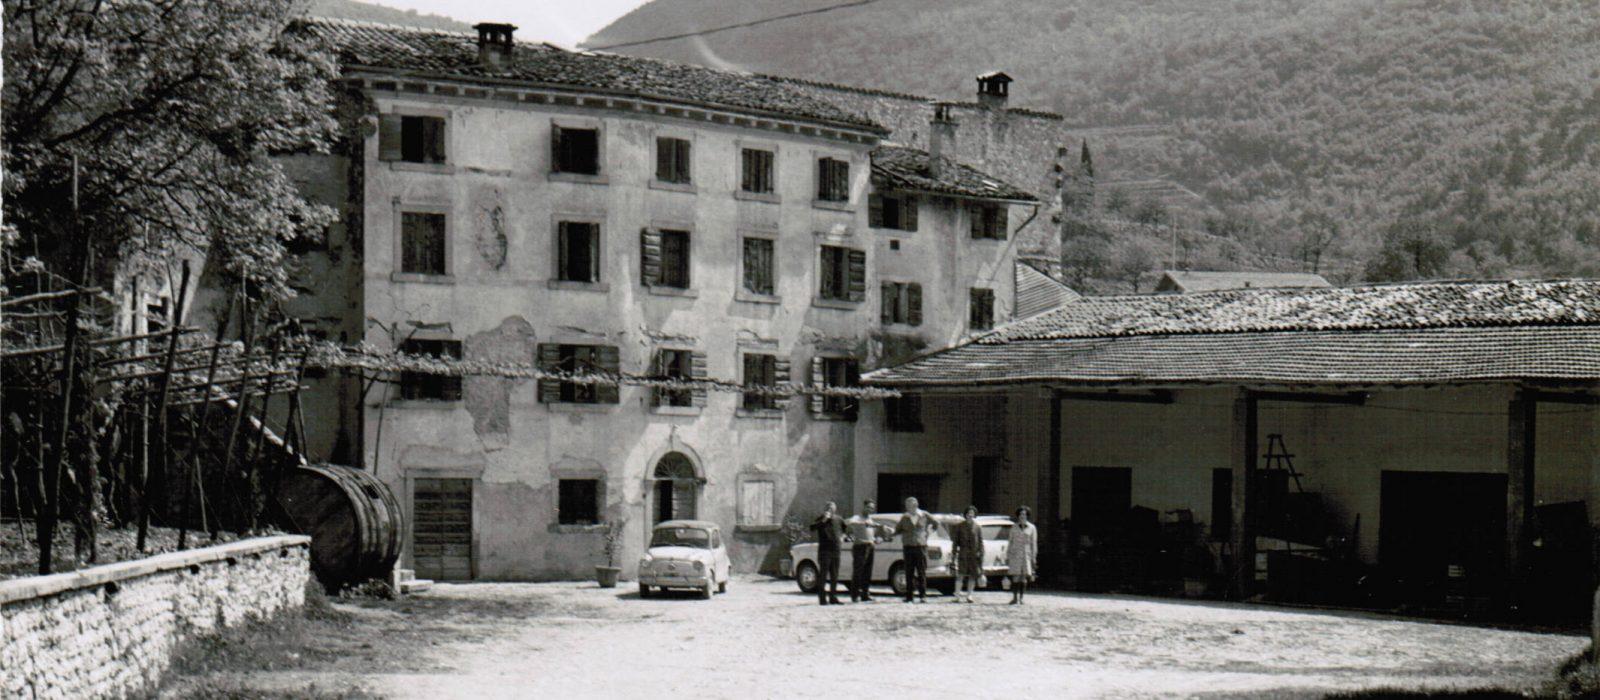 ingresso 1950